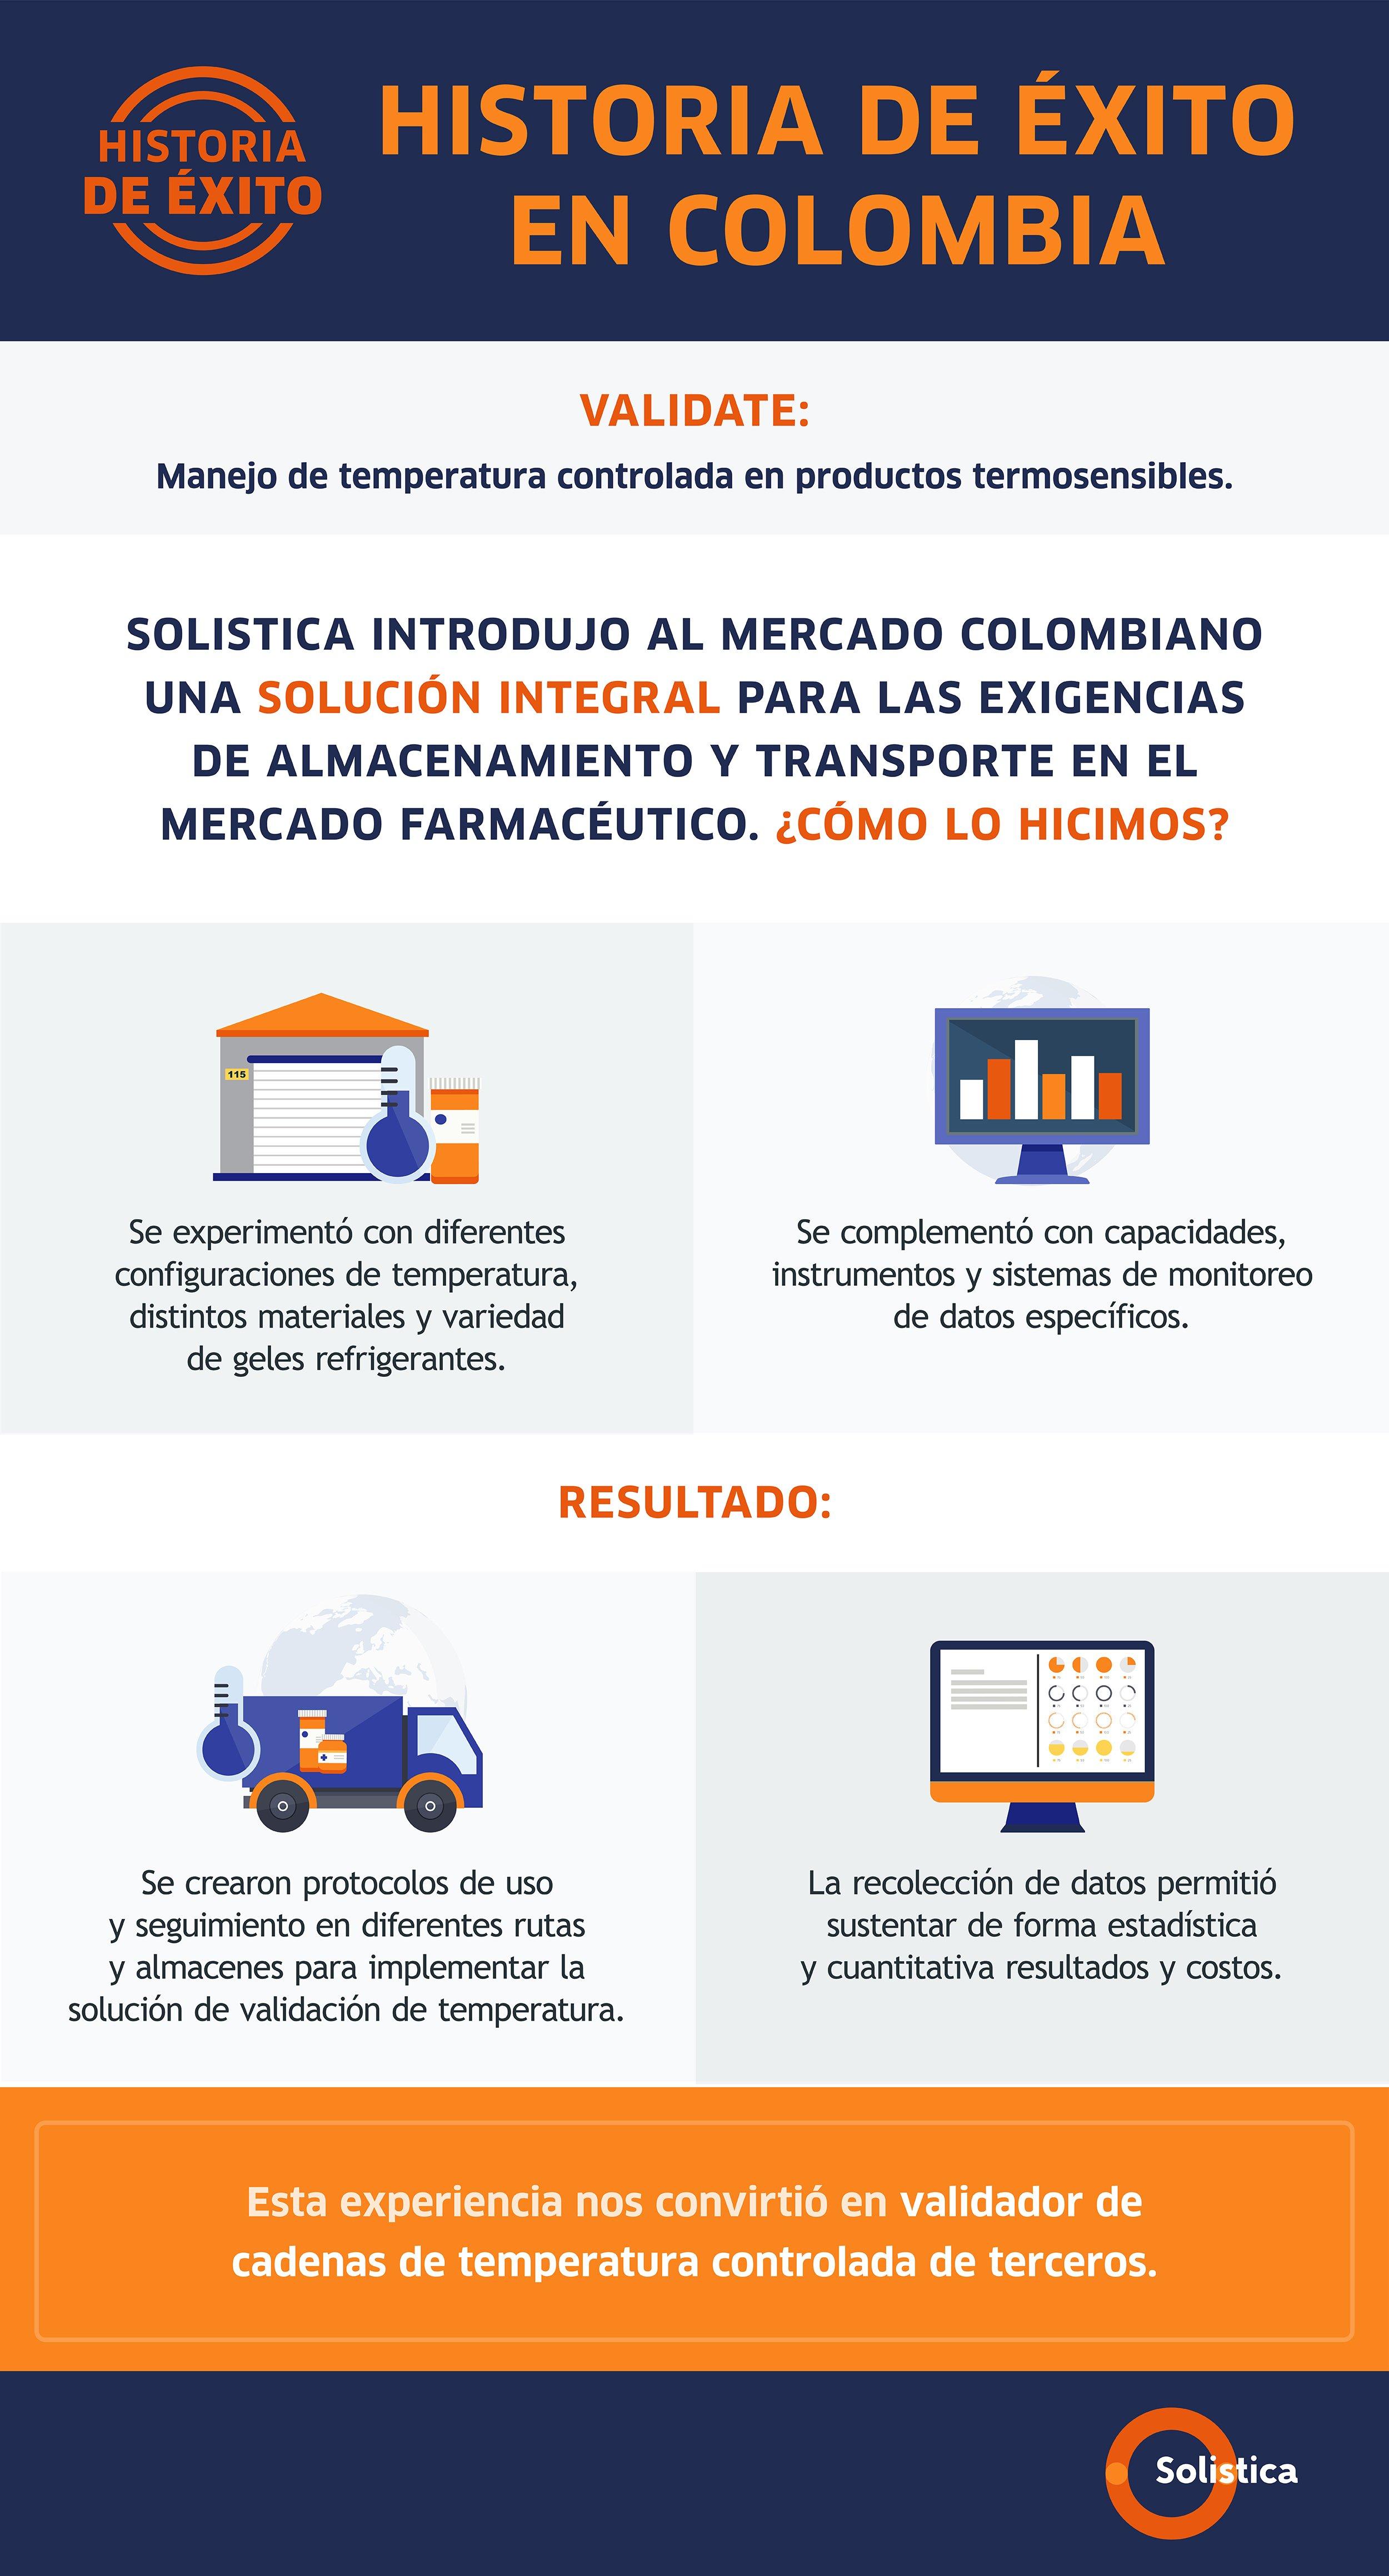 SOL-Infografía Historia de éxito en Colombia Solución Validate VF